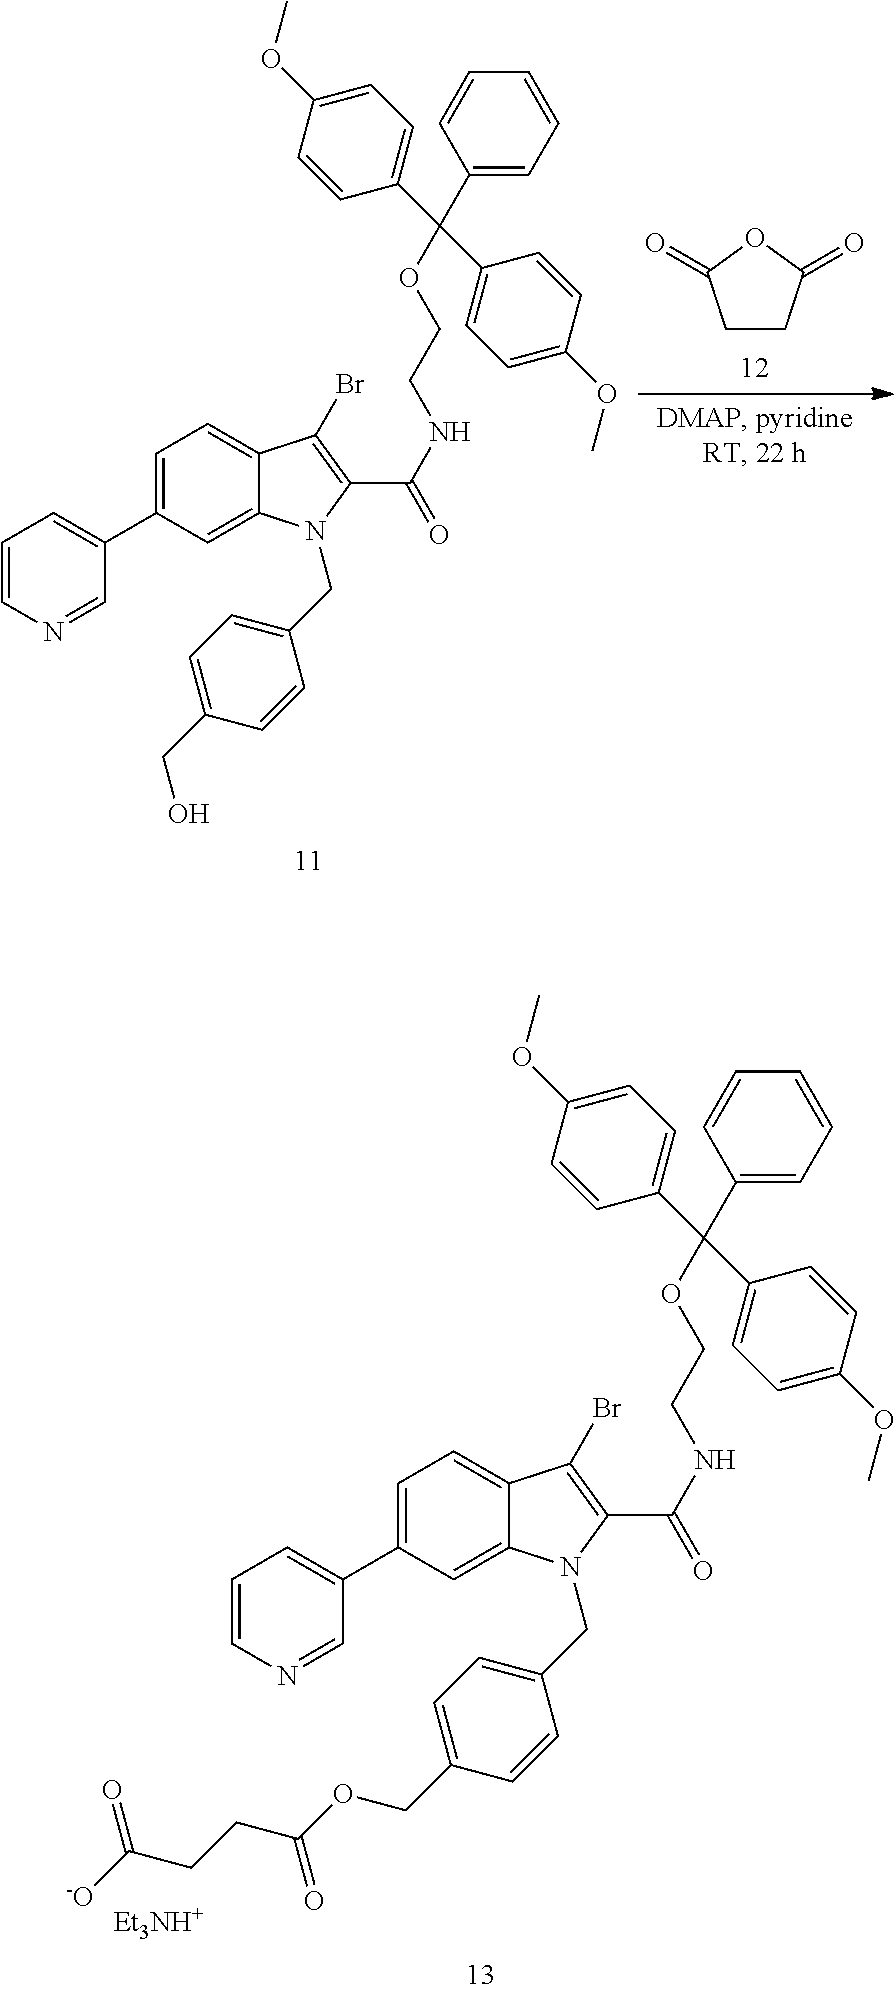 Figure US09988627-20180605-C00305